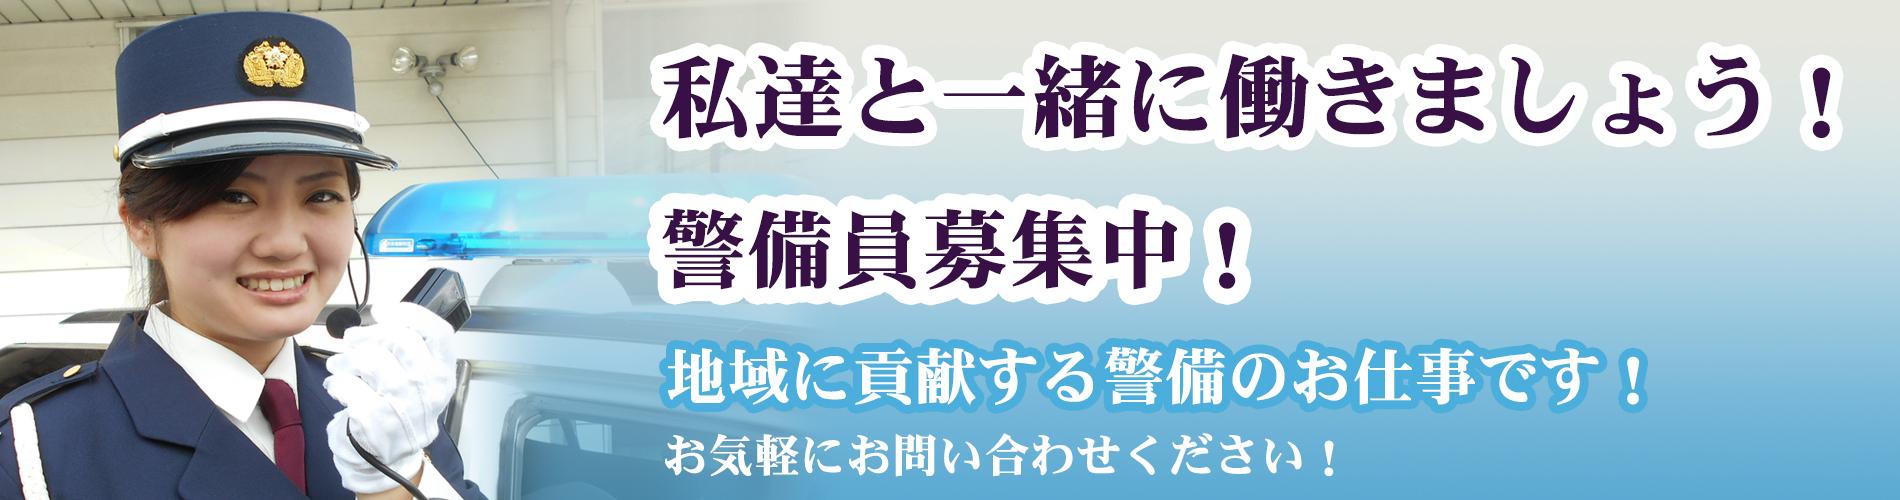 藤枝市の警備会社日本セキュリティーパトロール